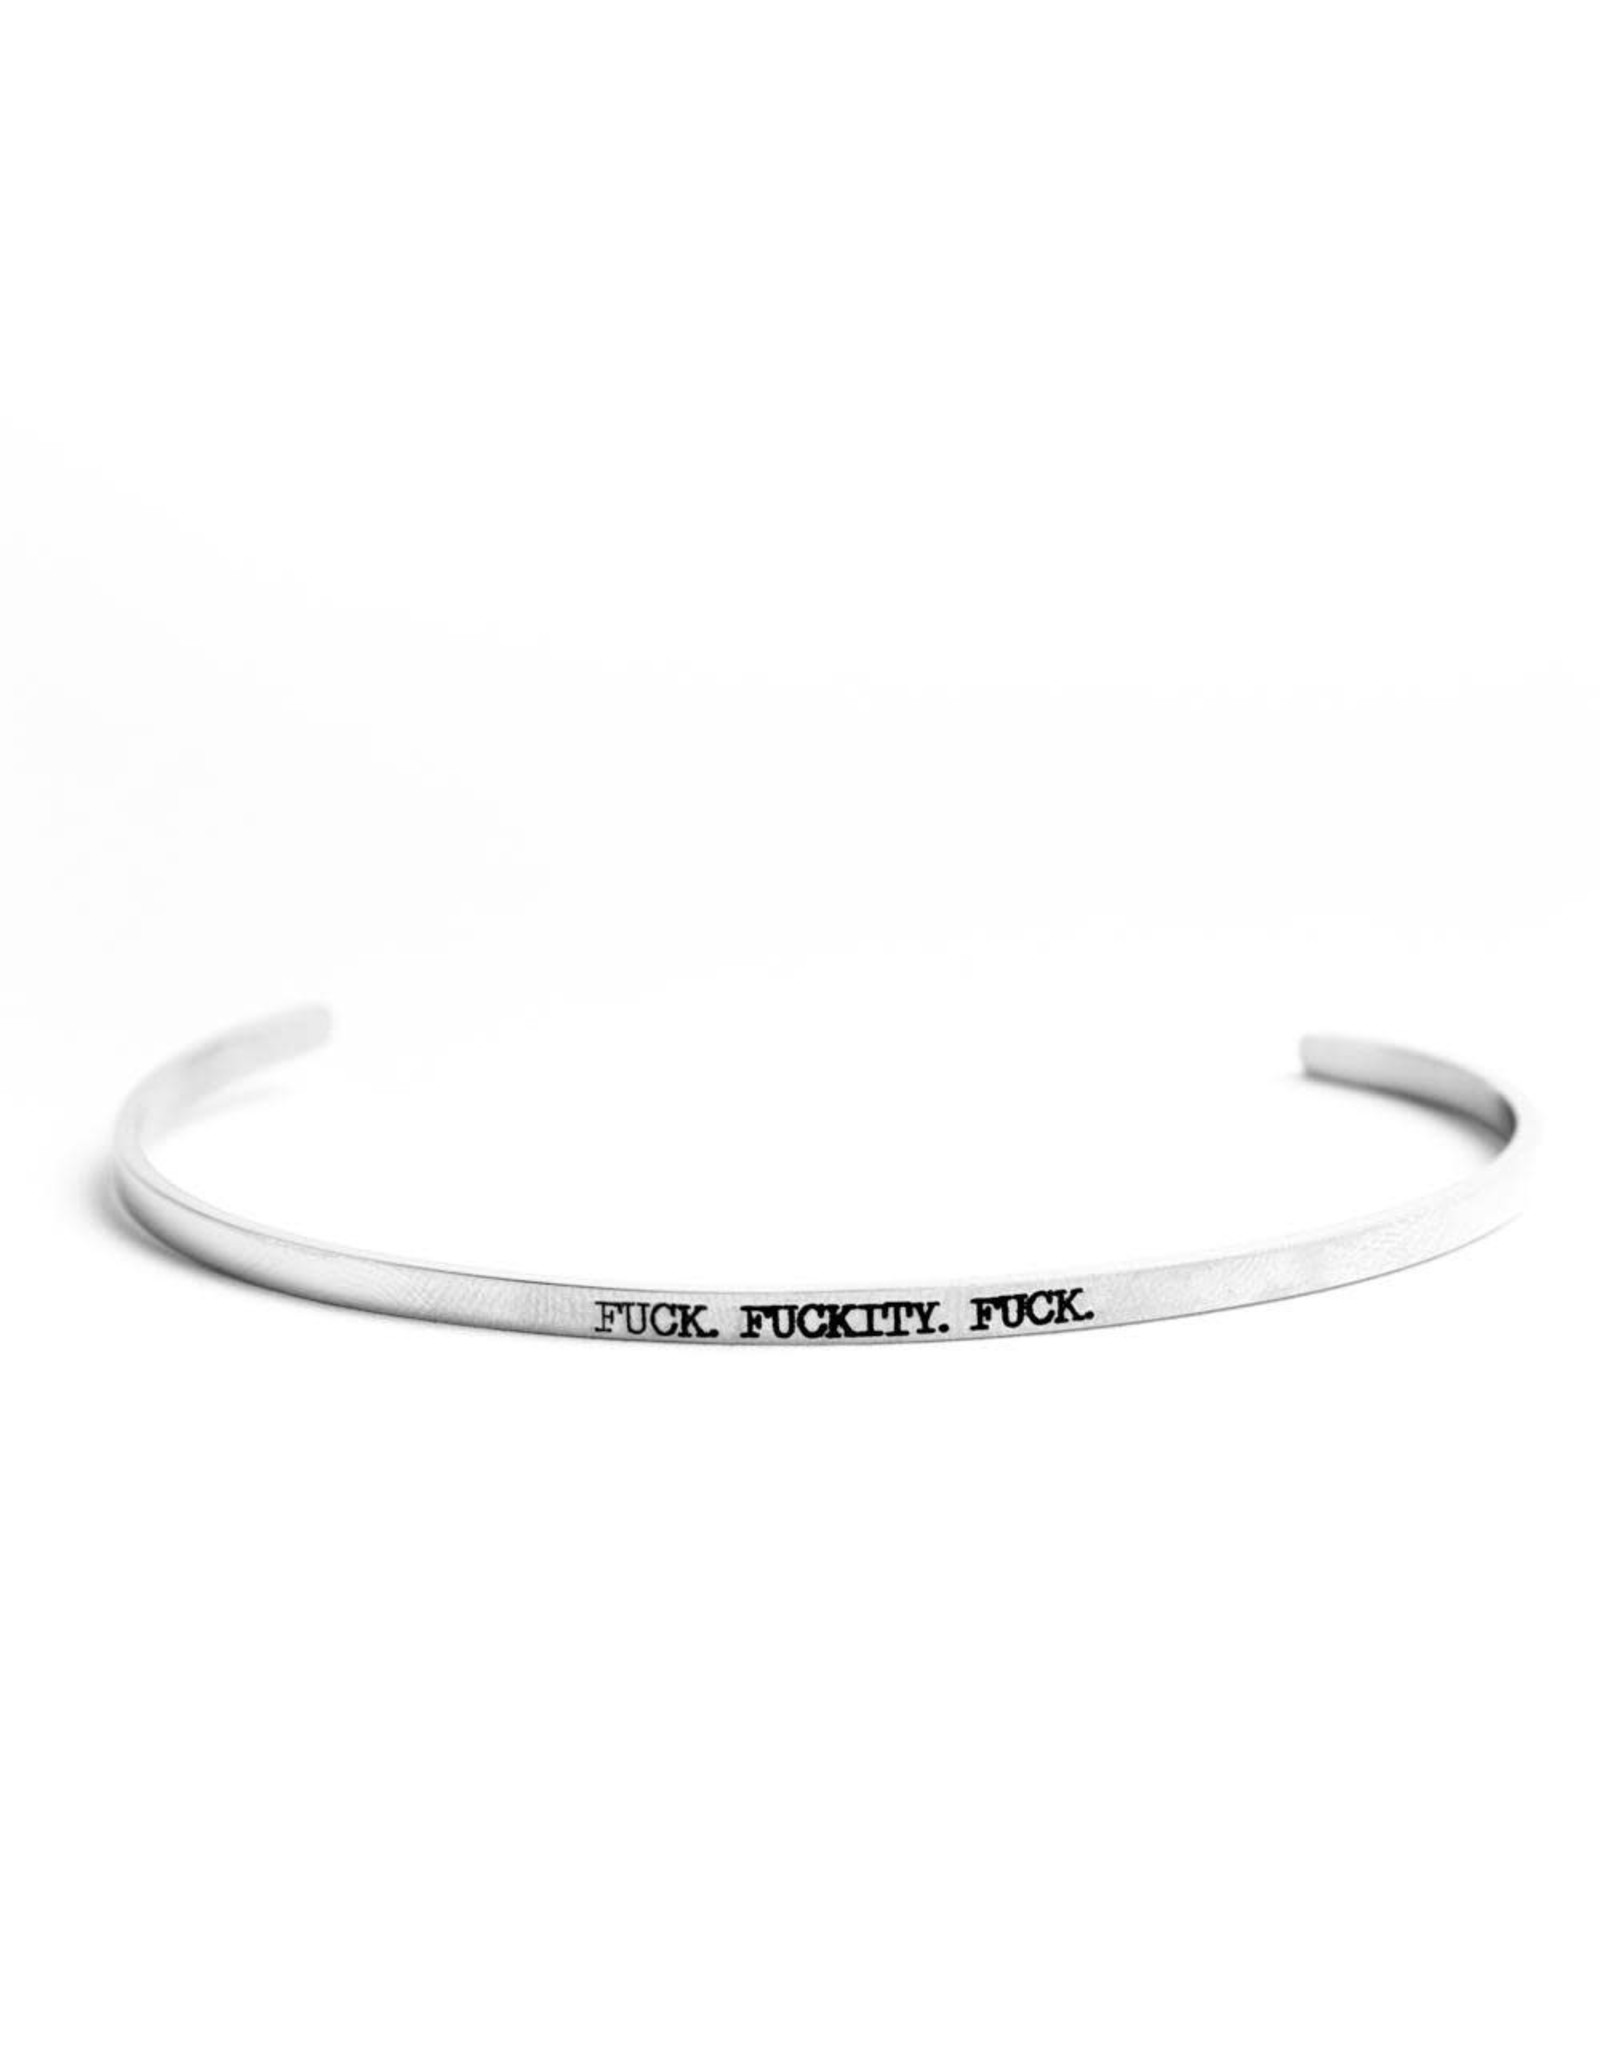 Bracelet - Fuck Fuckity Fuck (Silver)